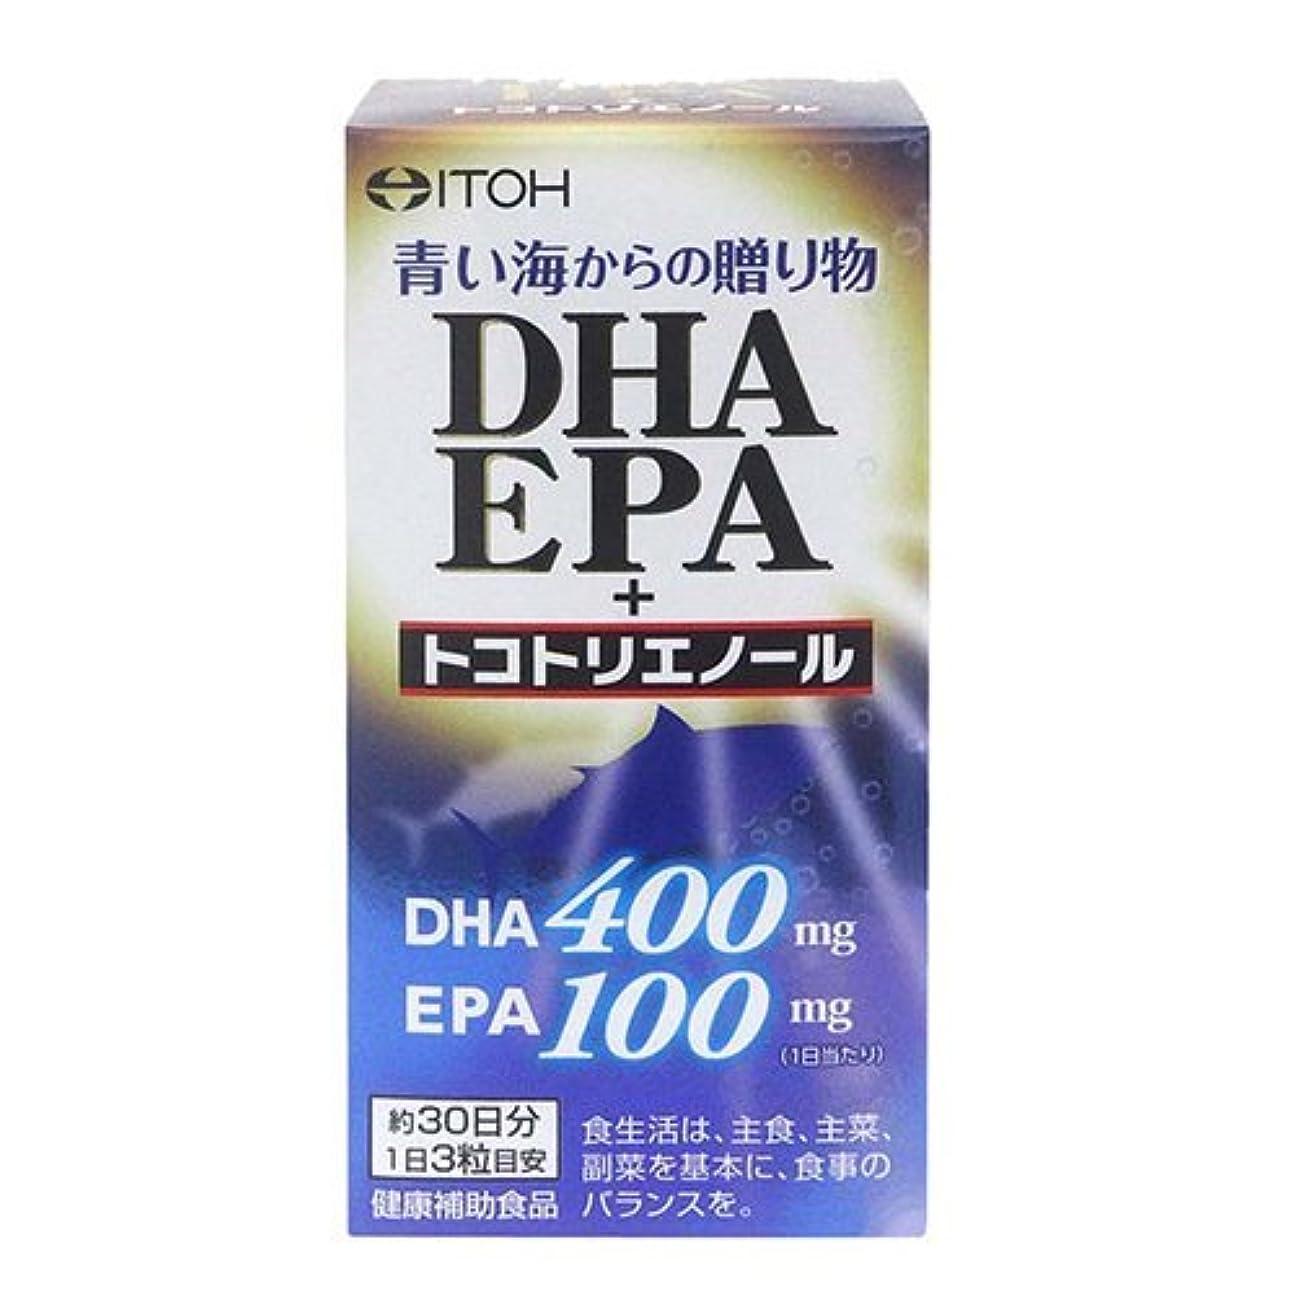 女の子冷笑する小麦粉井藤漢方製薬 DHA EPA+トコトリエノール 約30日分 90粒 Japan